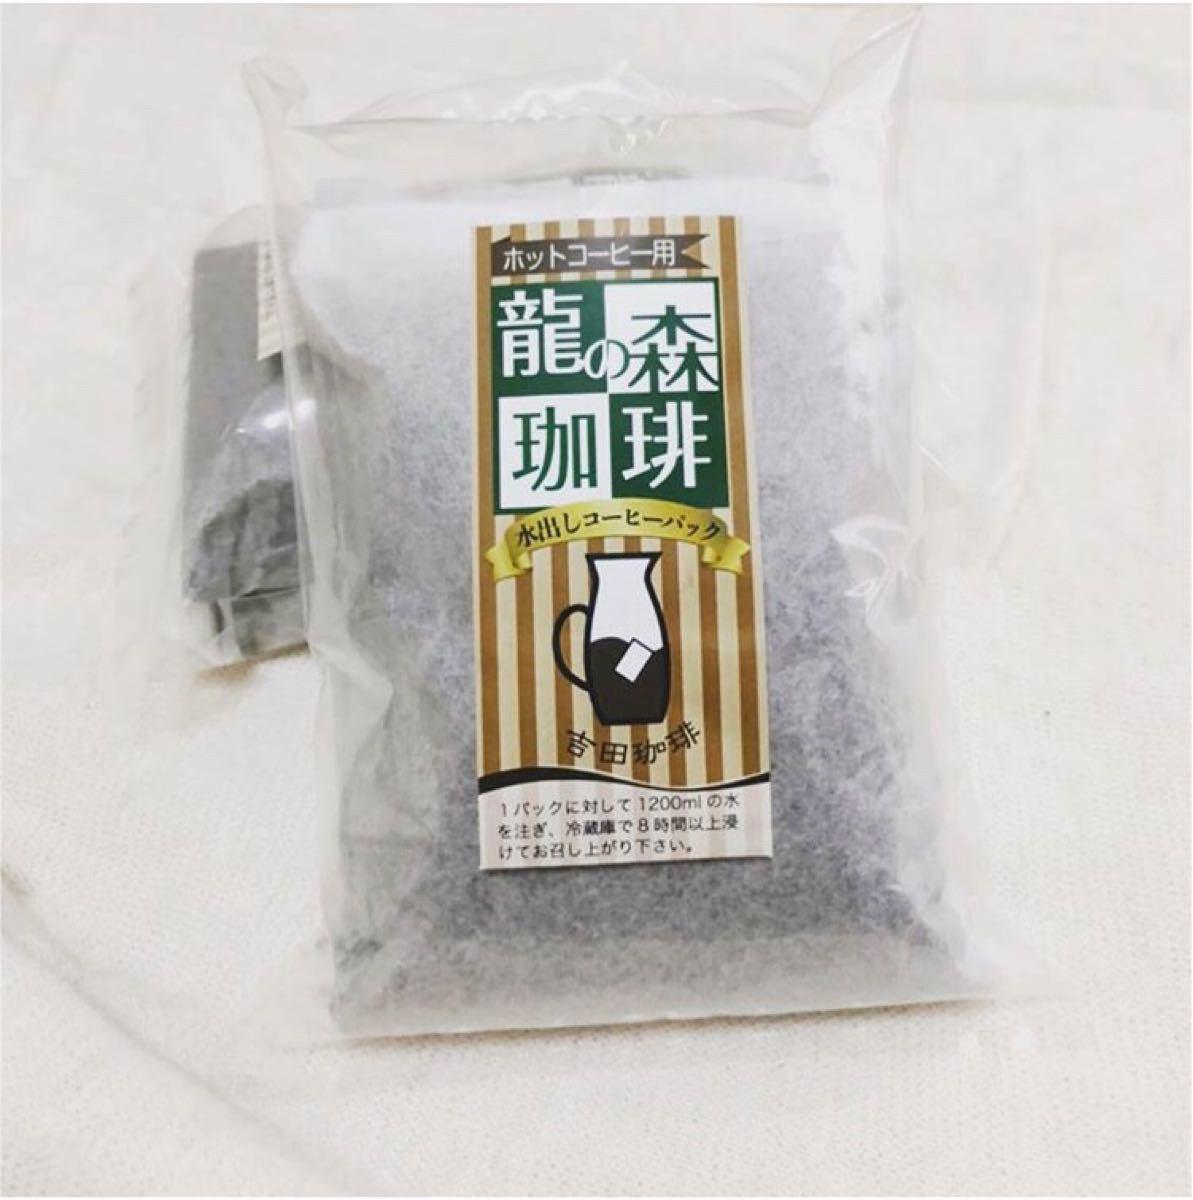 京都南丹市で焙煎しました自家製コーヒーです。お家で簡単お店のコーヒーが飲めます。